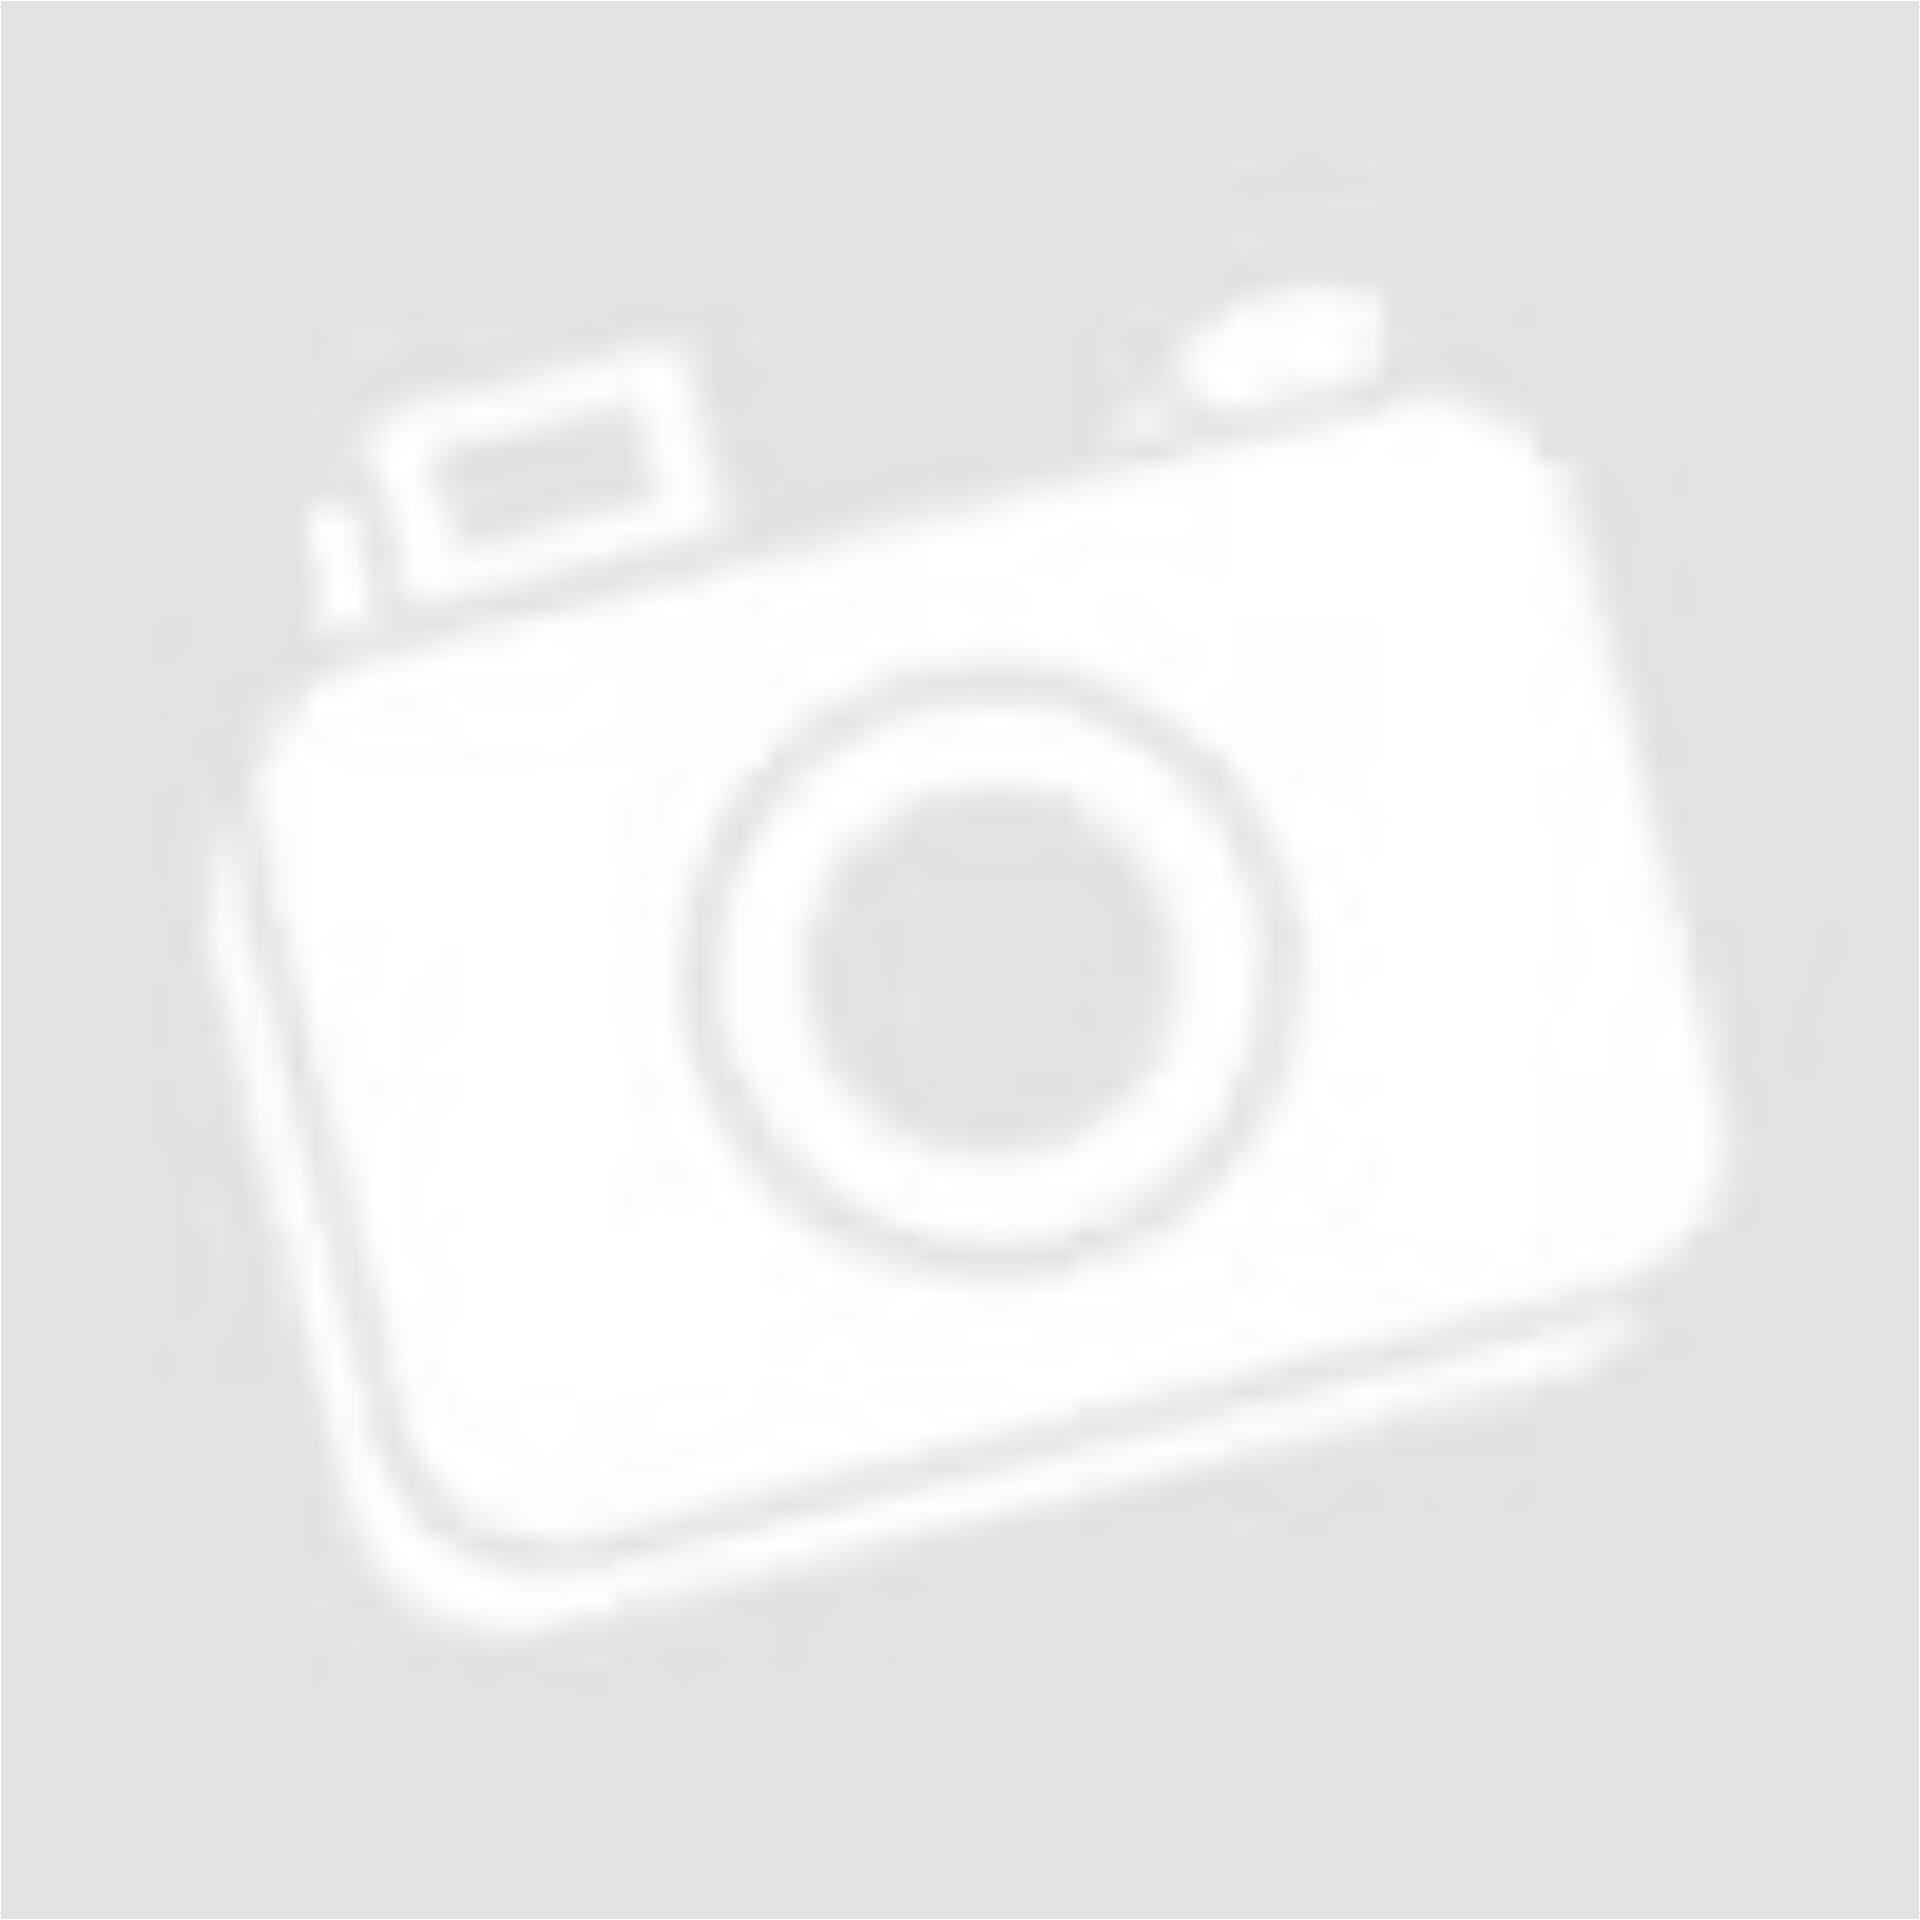 Fekete színű PKA munkavédelmi bakancs (Méret  45) - Bakancs b89e96bc3d